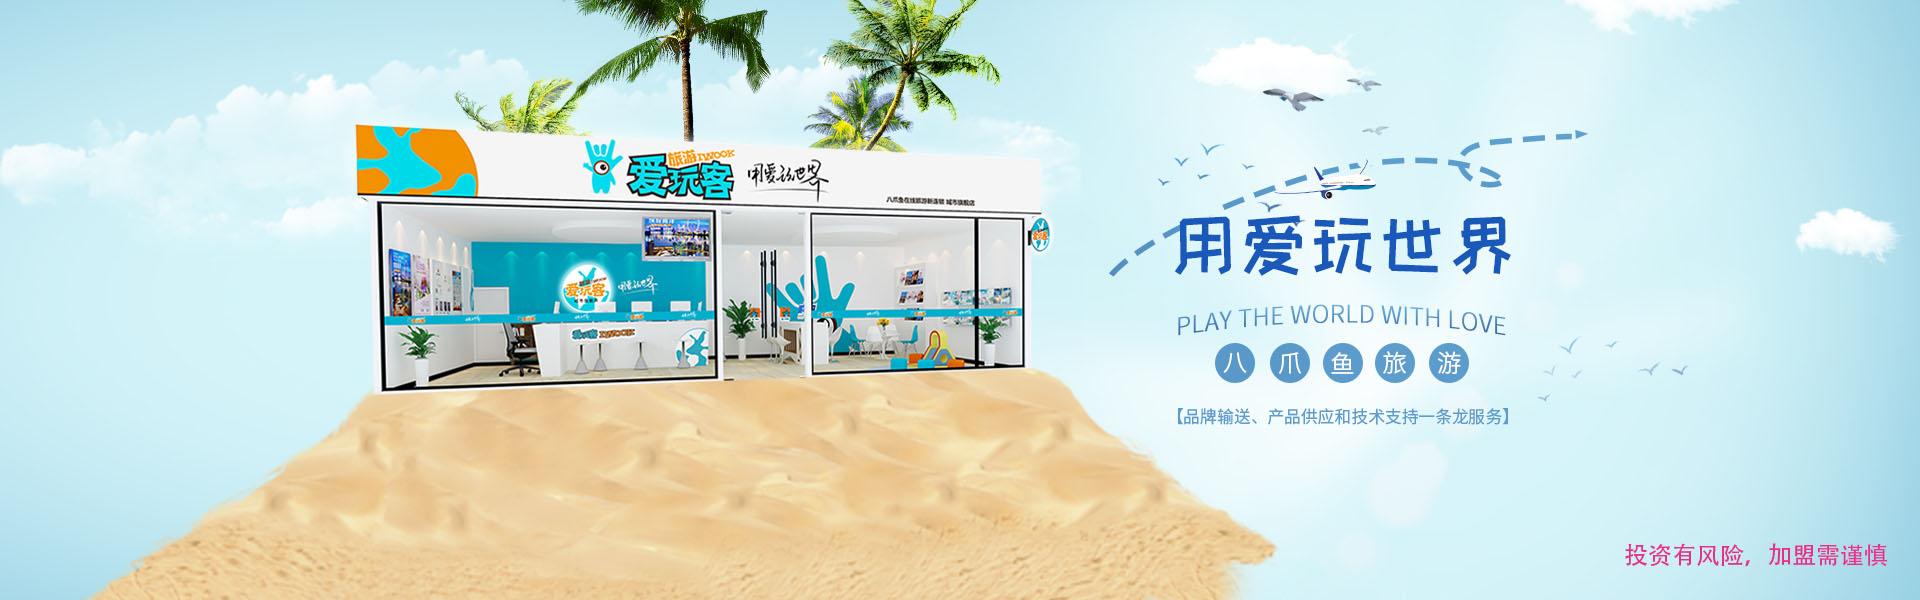 提供苏州市广东口碑好爱玩客旅游性价比出众价格八爪鱼在线旅游供应